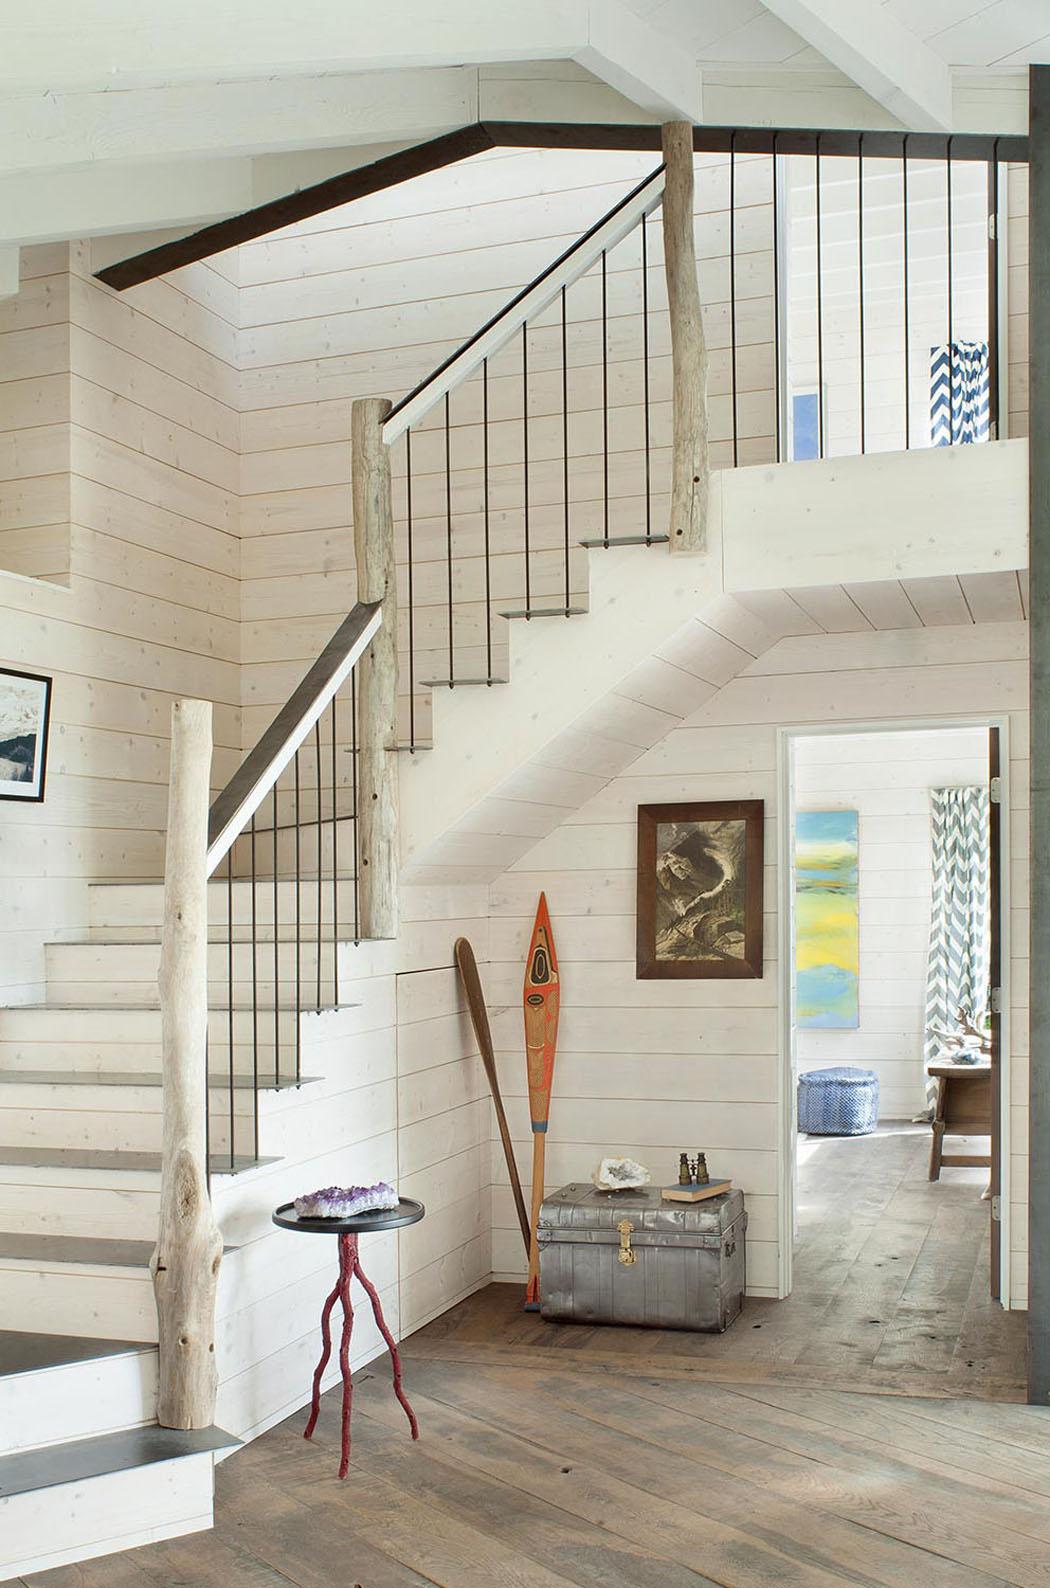 superbe chalet rustique nich au c ur d un cadre verdoyant avec vue sur un lac vivons maison. Black Bedroom Furniture Sets. Home Design Ideas